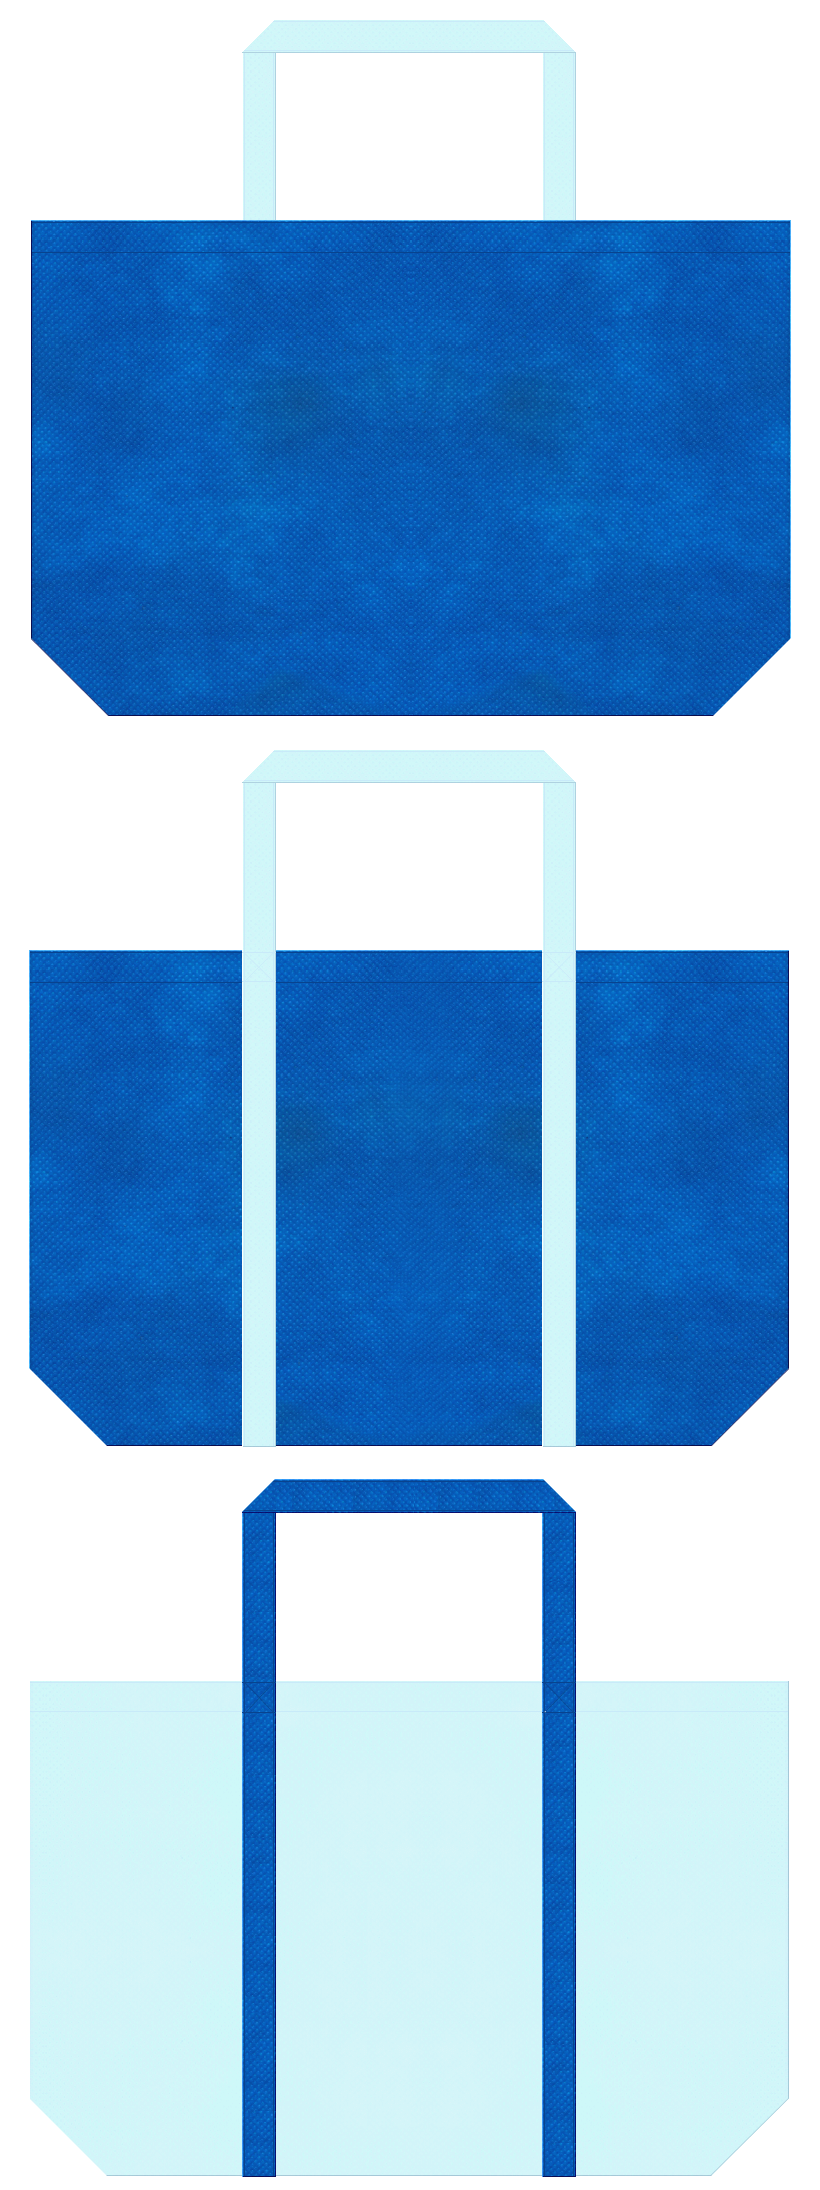 不織布トートバッグ 舟底タイプ 不織布カラーNo.22スカイブルーとNo.30水色の組み合わせ